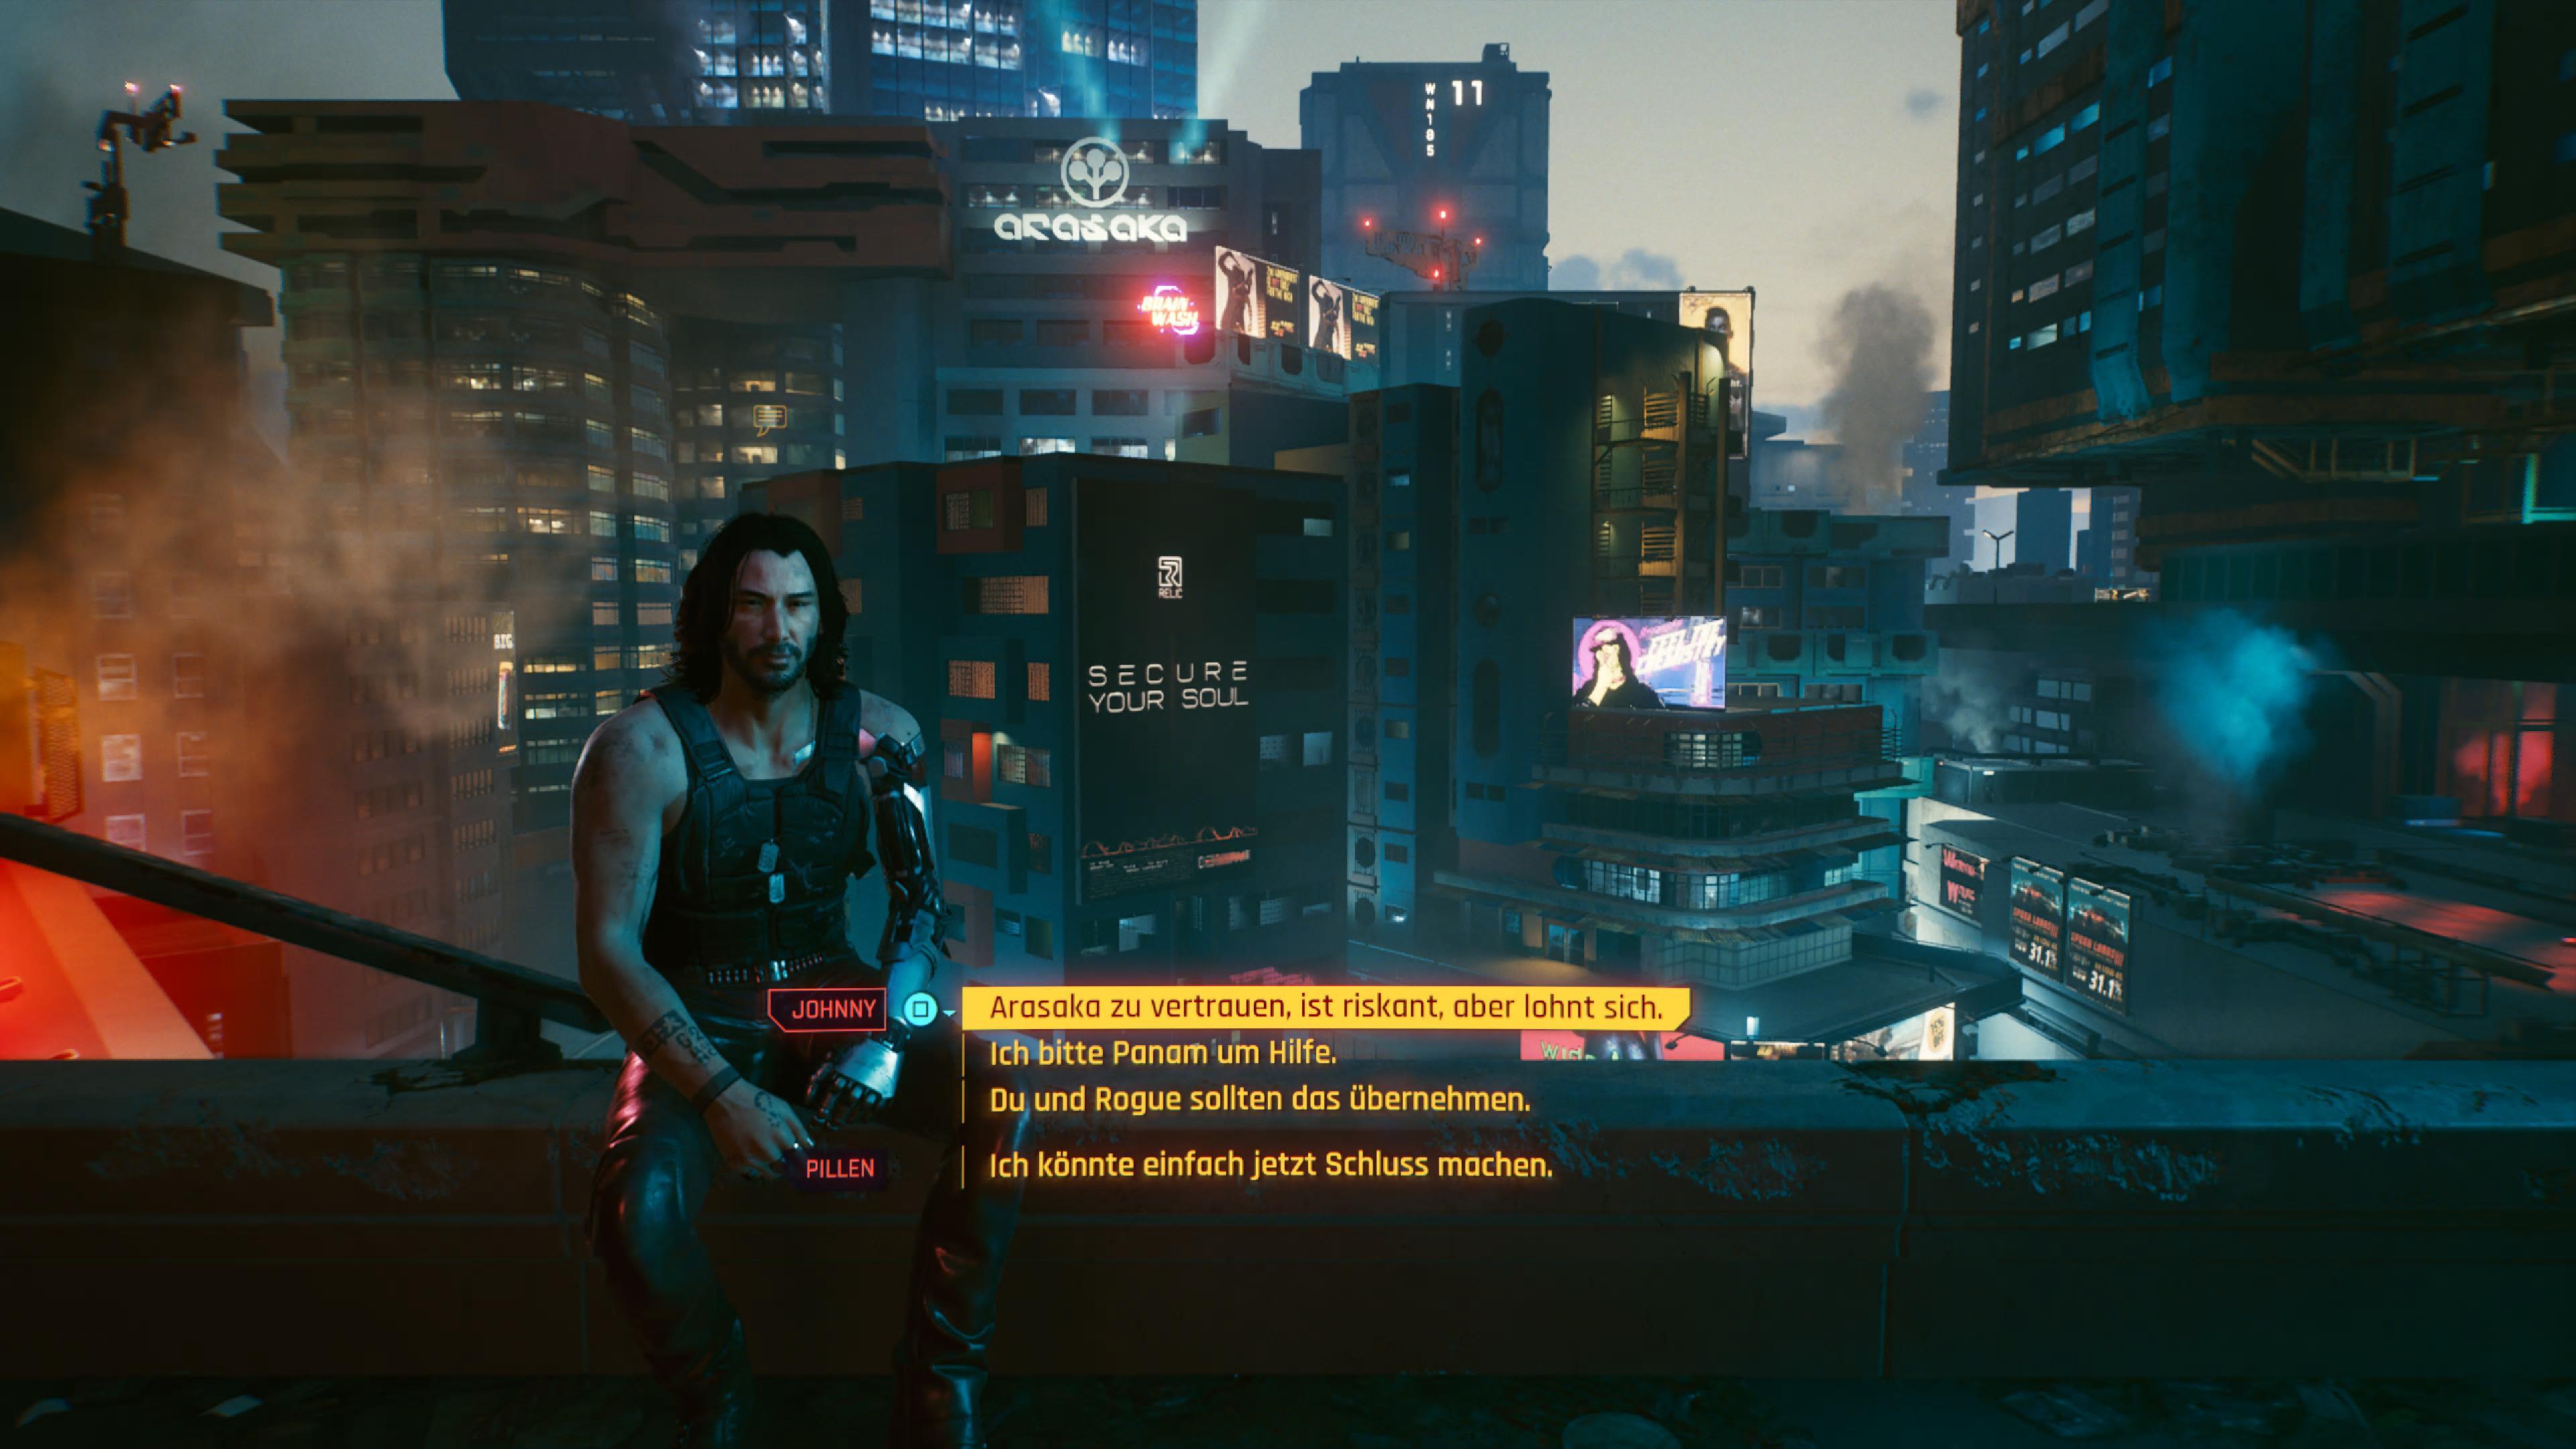 Alle Enden in Cyberpunk 2077 - ihr trefft die Wahl